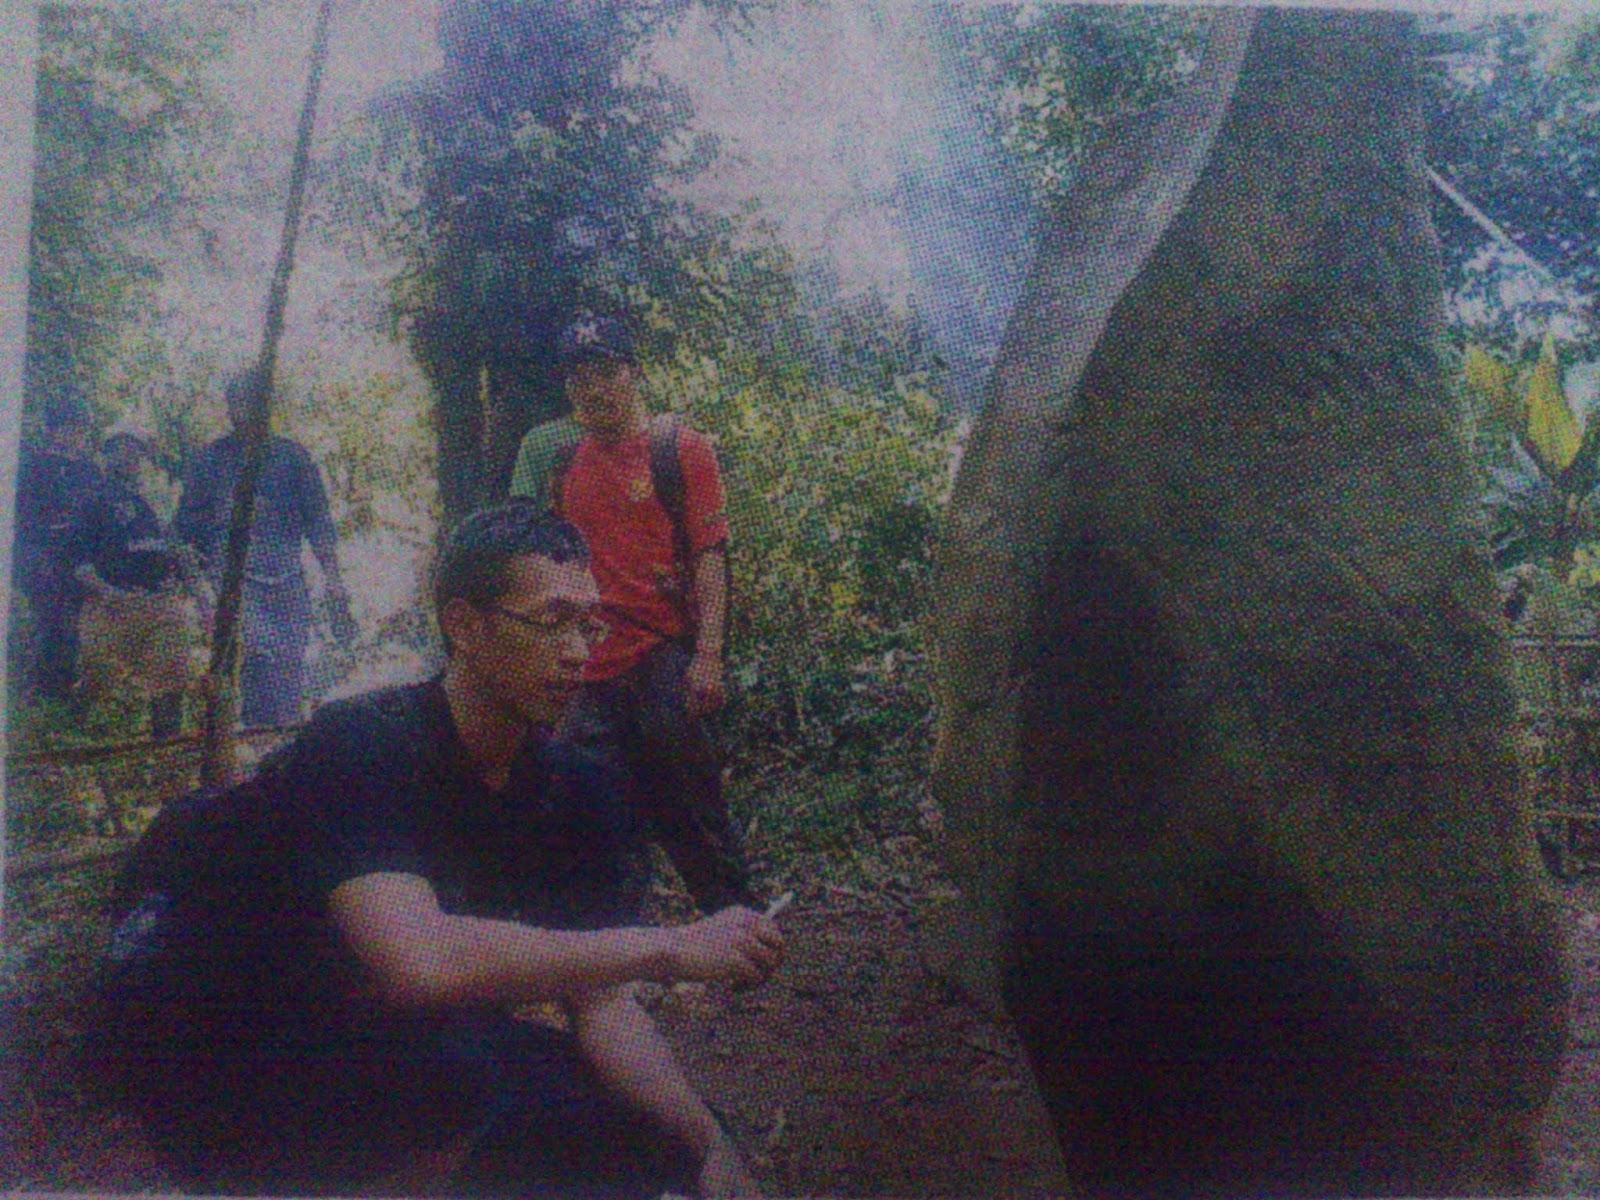 penemuan batu naga di gunung pojoktiga